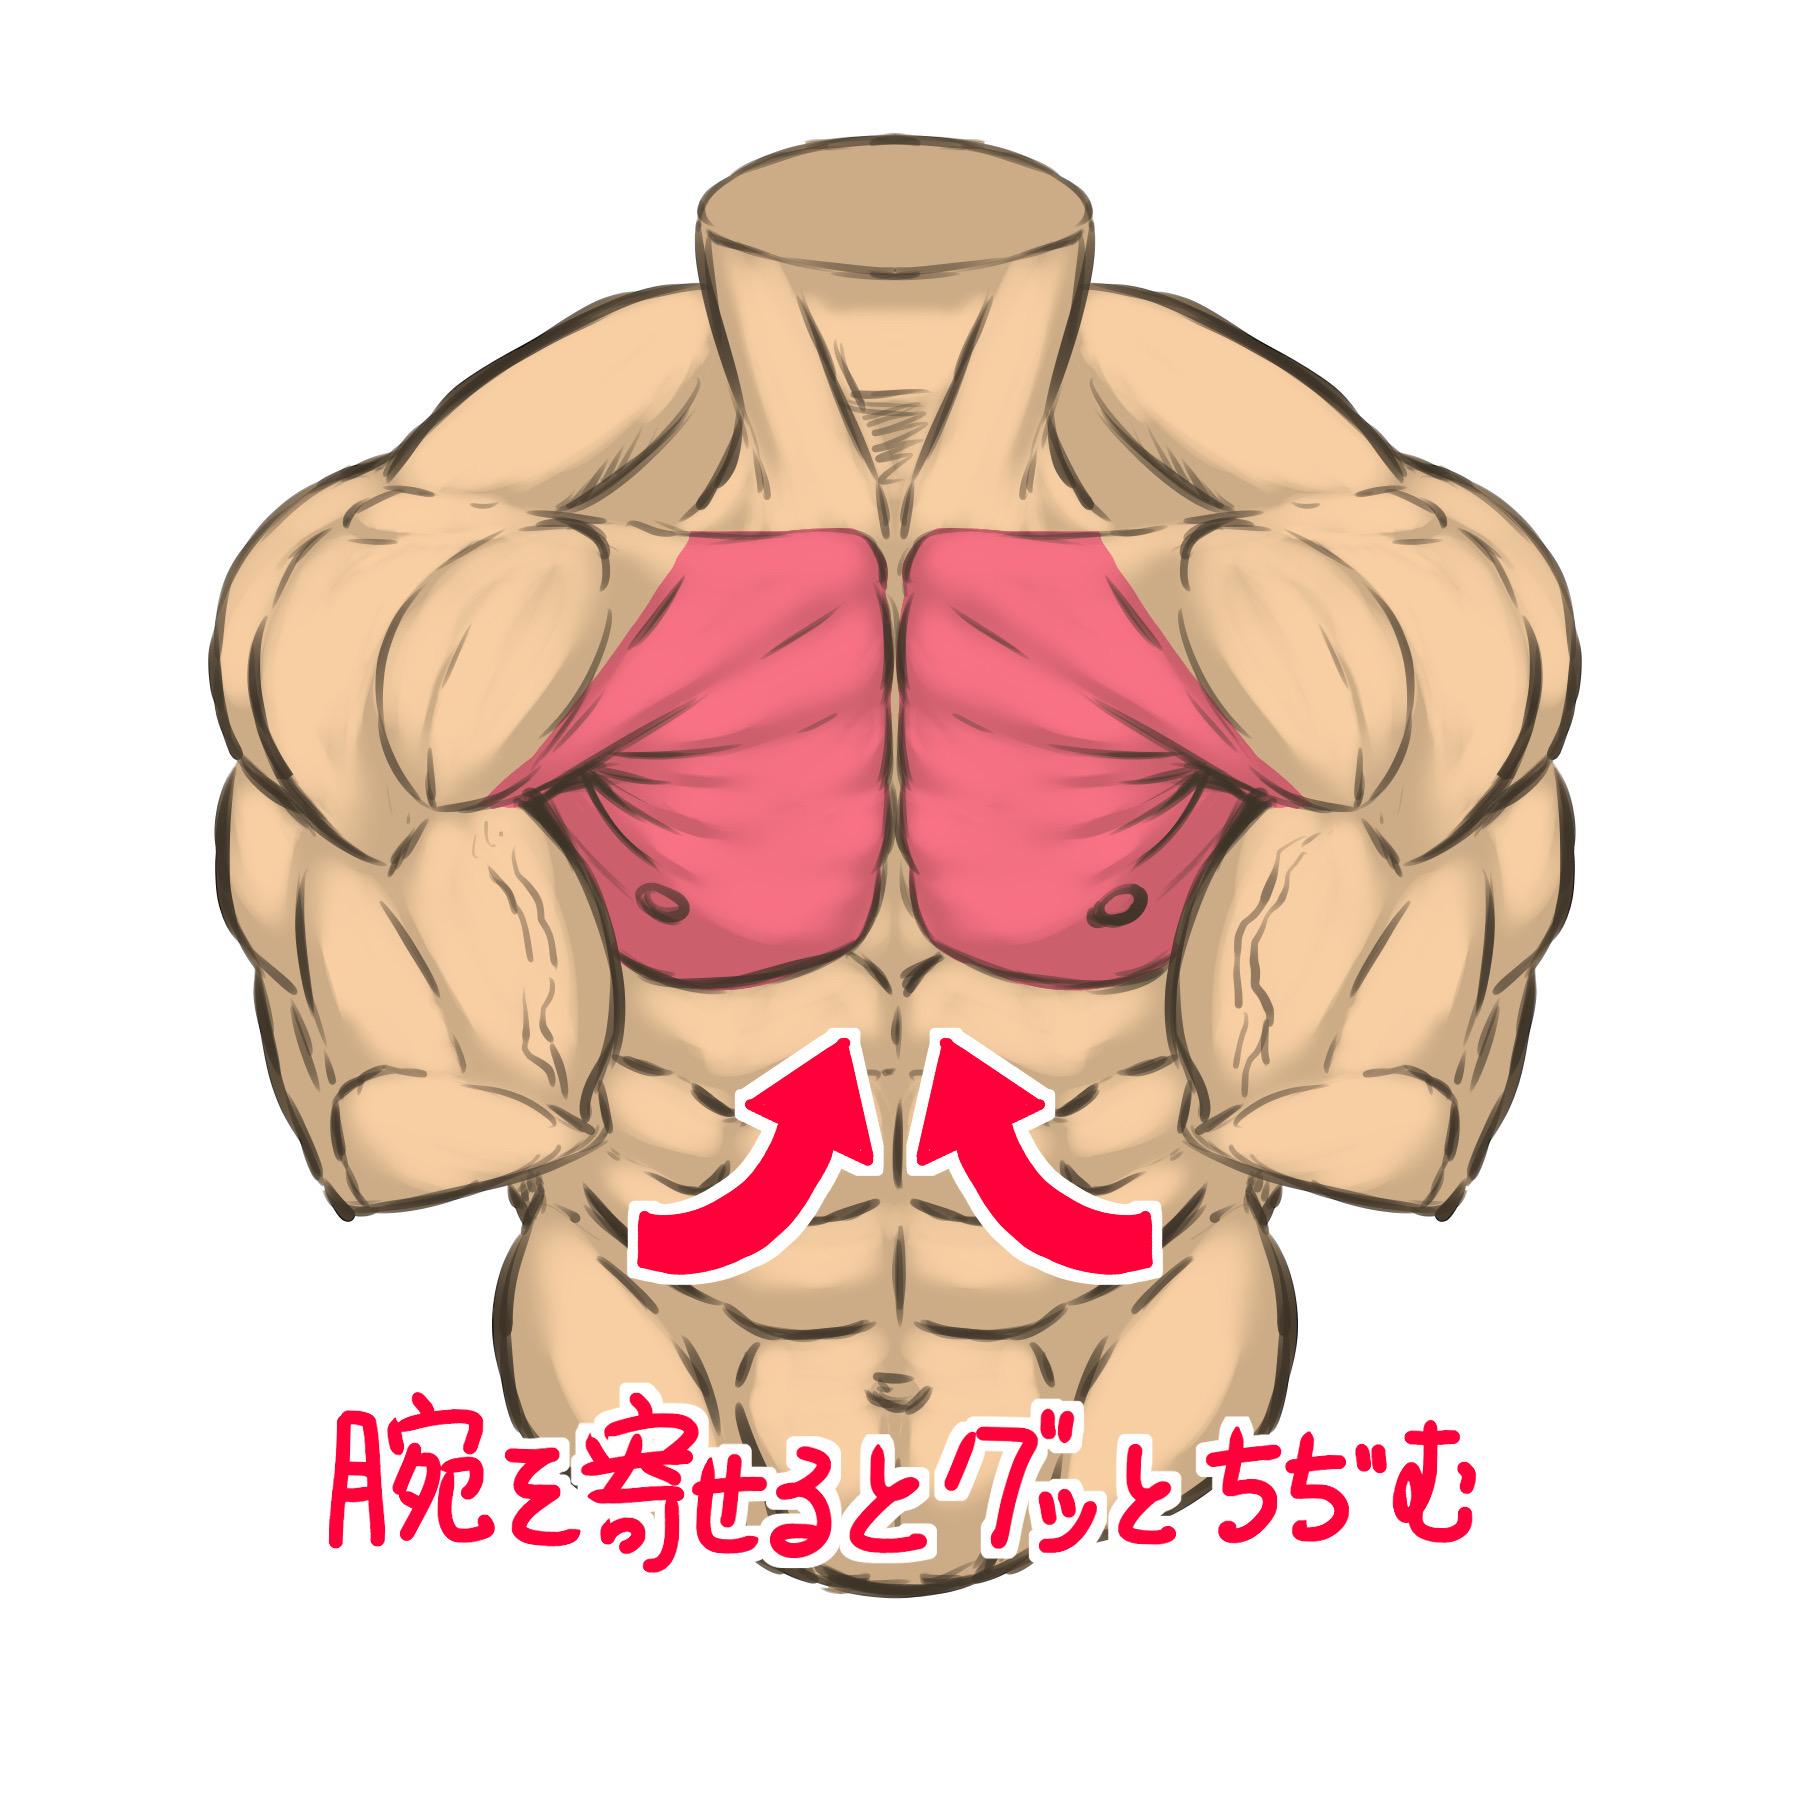 両腕を寄せるために大胸筋の筋肉が縮み腕を引っ張って来ます。このとき、大胸筋の筋肉が重なり合うので脇あたりの位置でえくぼのような凹みができるのもポイントです。 主に大胸筋下部の筋肉が作用する動作です。